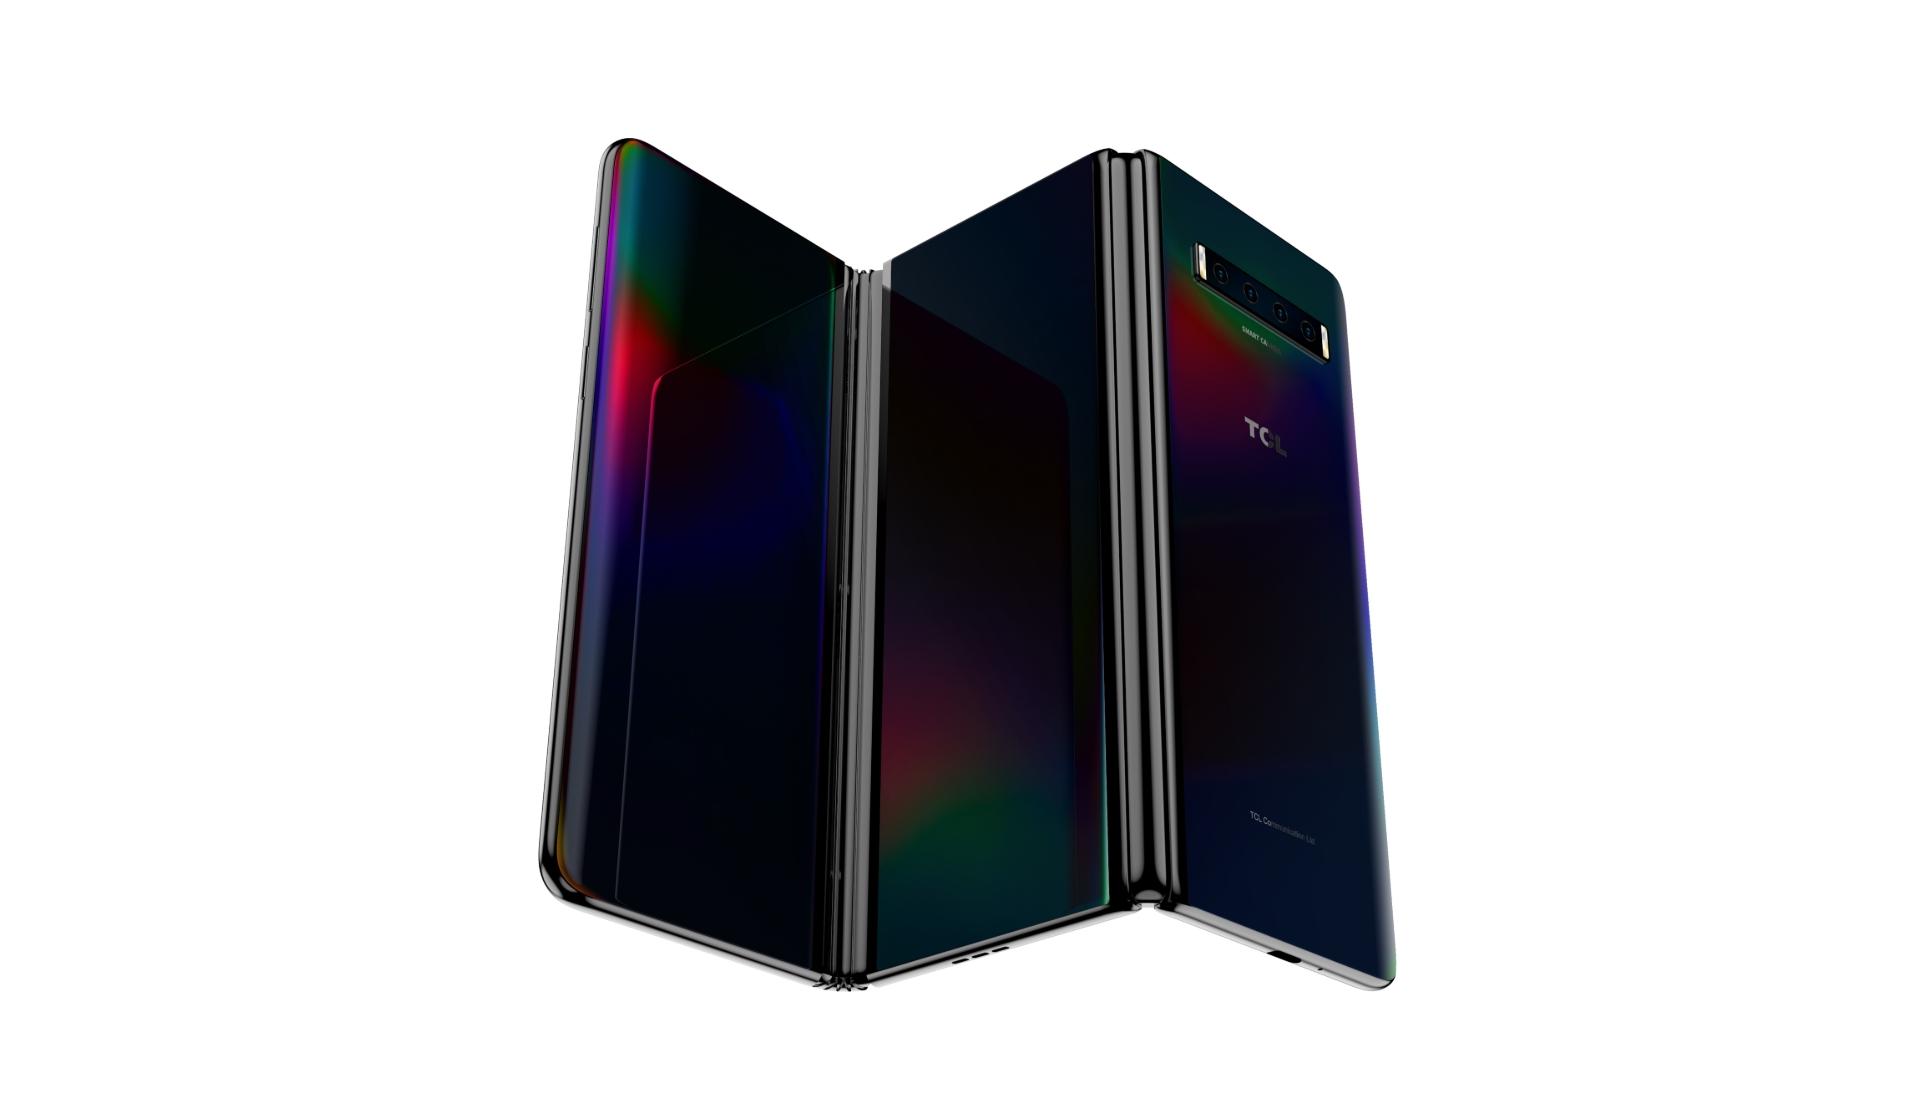 TCL představilo dva koncepty mobilů s ohebným displejem